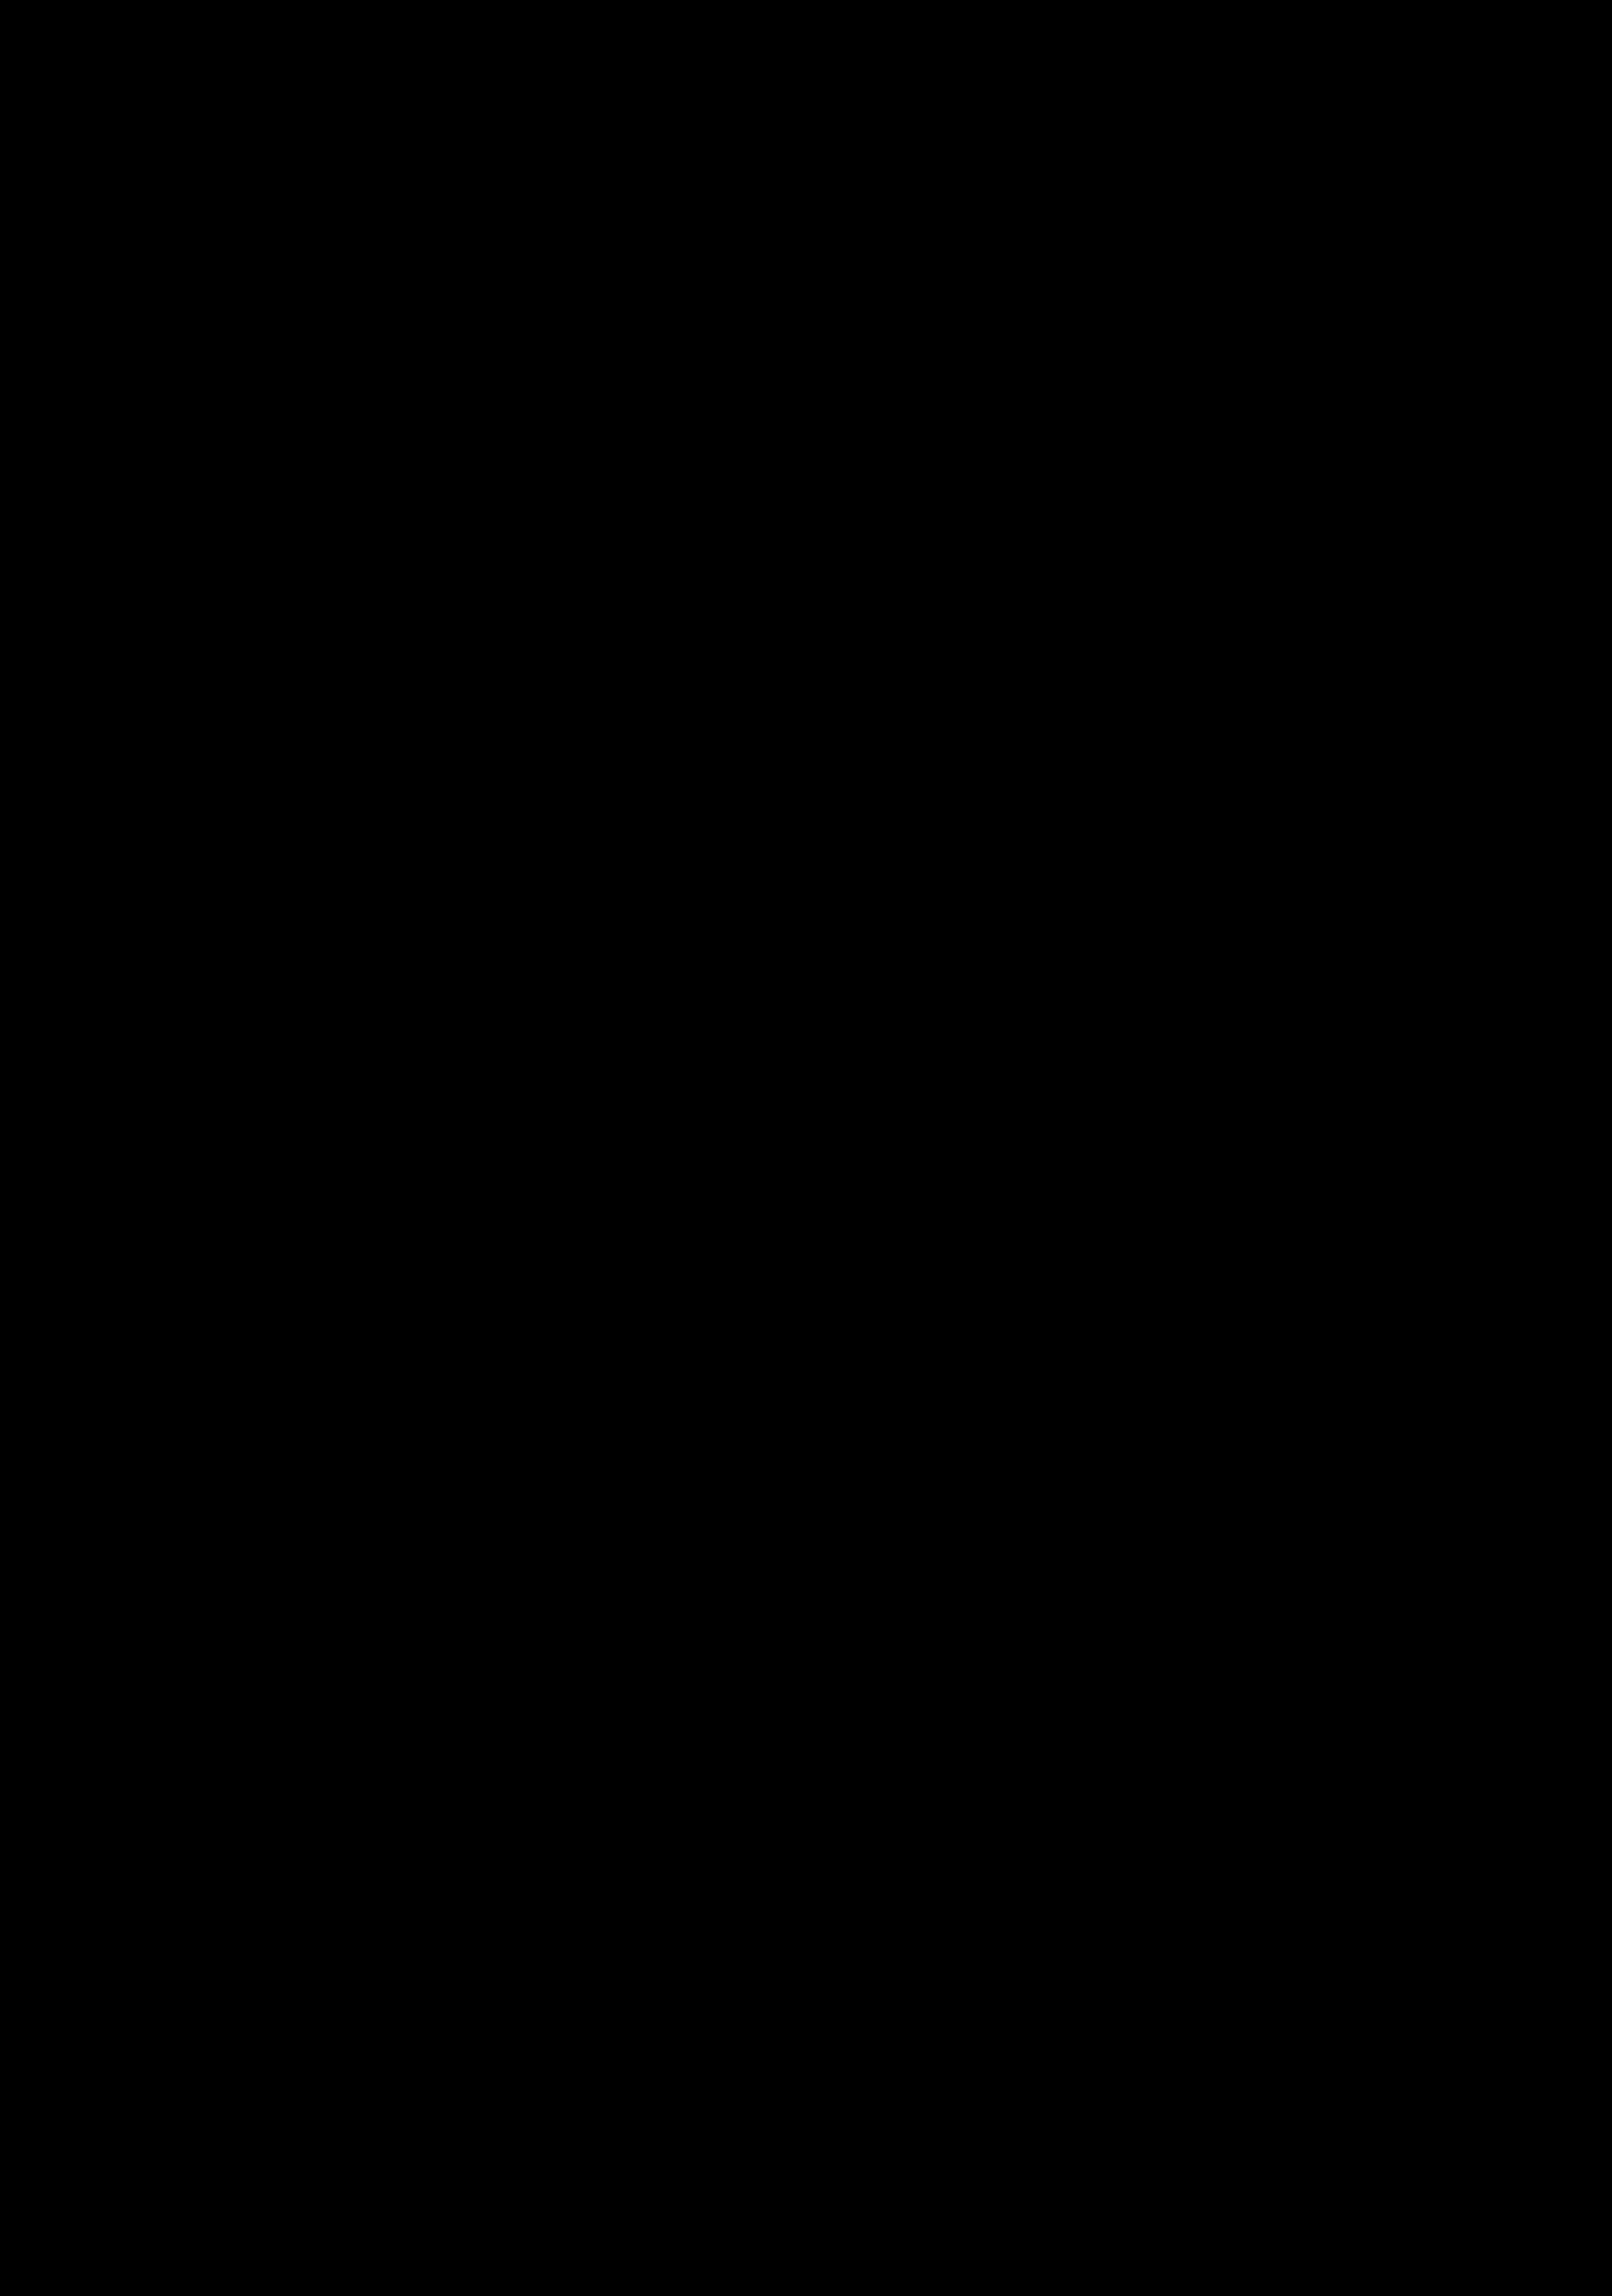 Литературное чтение. Литература народов России (дополнительный модуль). 1 класс